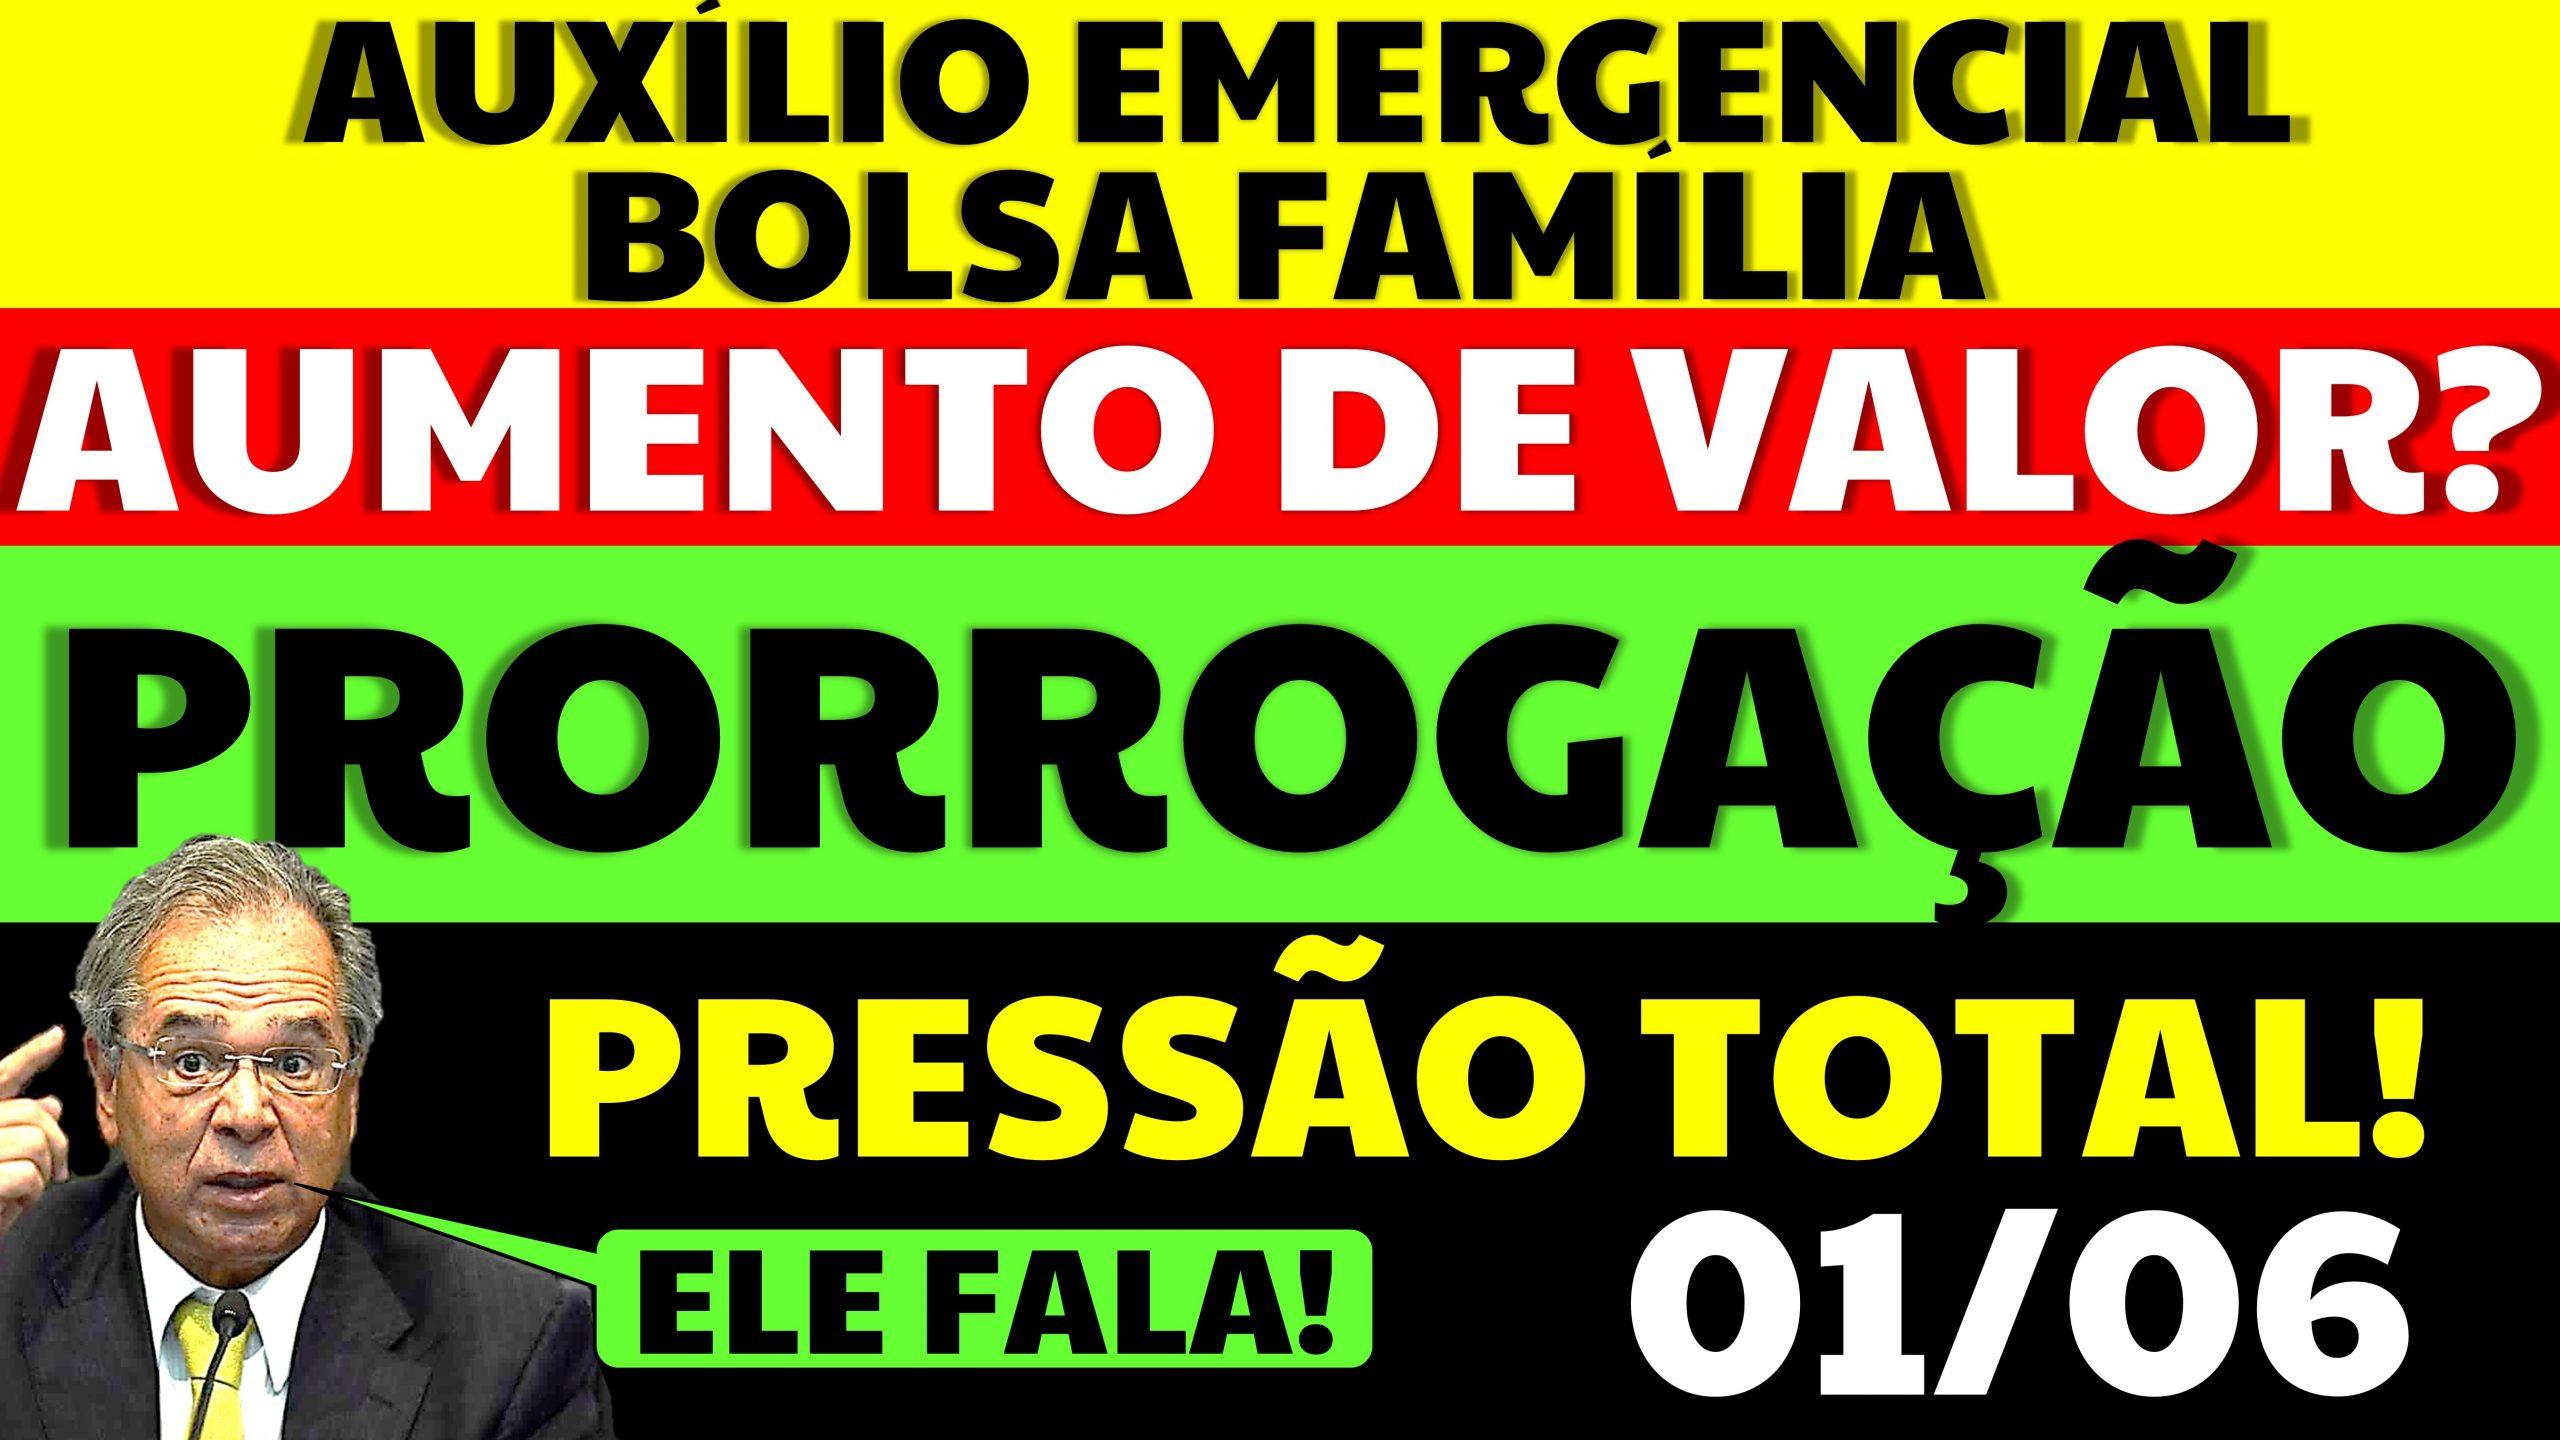 Auxílio Emergencial Hoje – 01/06